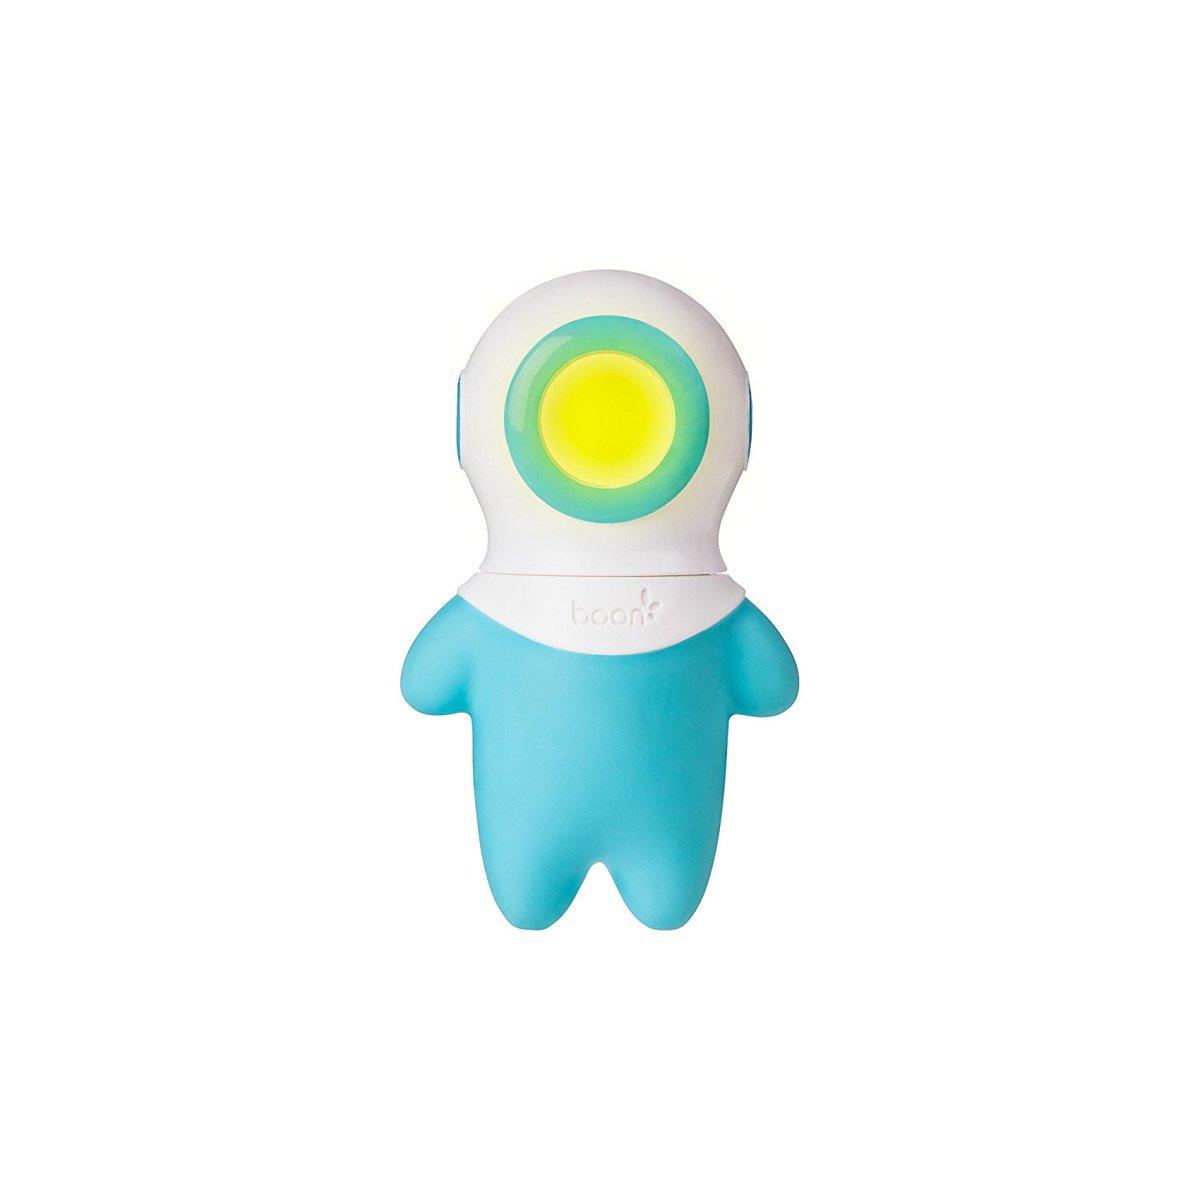 アメリカの幼児向けお風呂玩具。デザイン、コンセプト共に凄く良い。 https://t.co/DizIKwWykK https://t.co/wjEjZeyiix